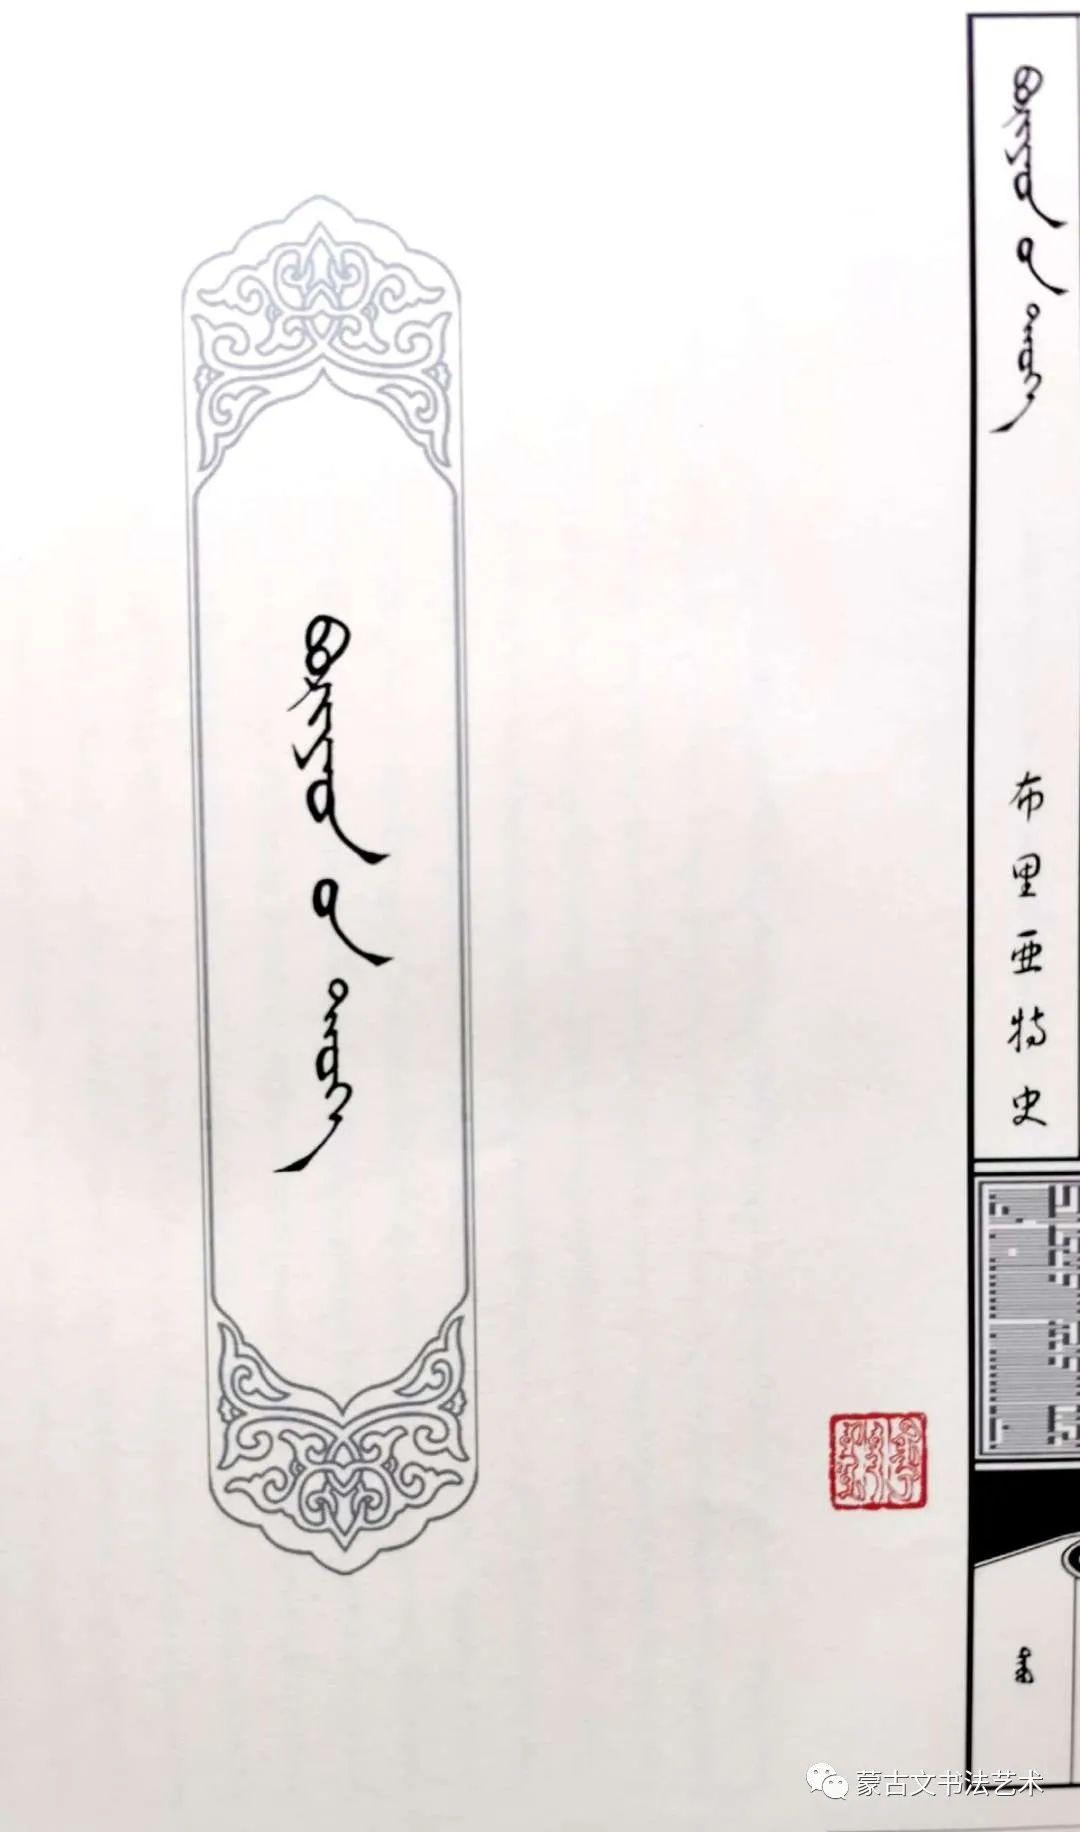 蒙古文经典文献当代书法名家手抄本之斯仁巴图《布里亚特史》 第3张